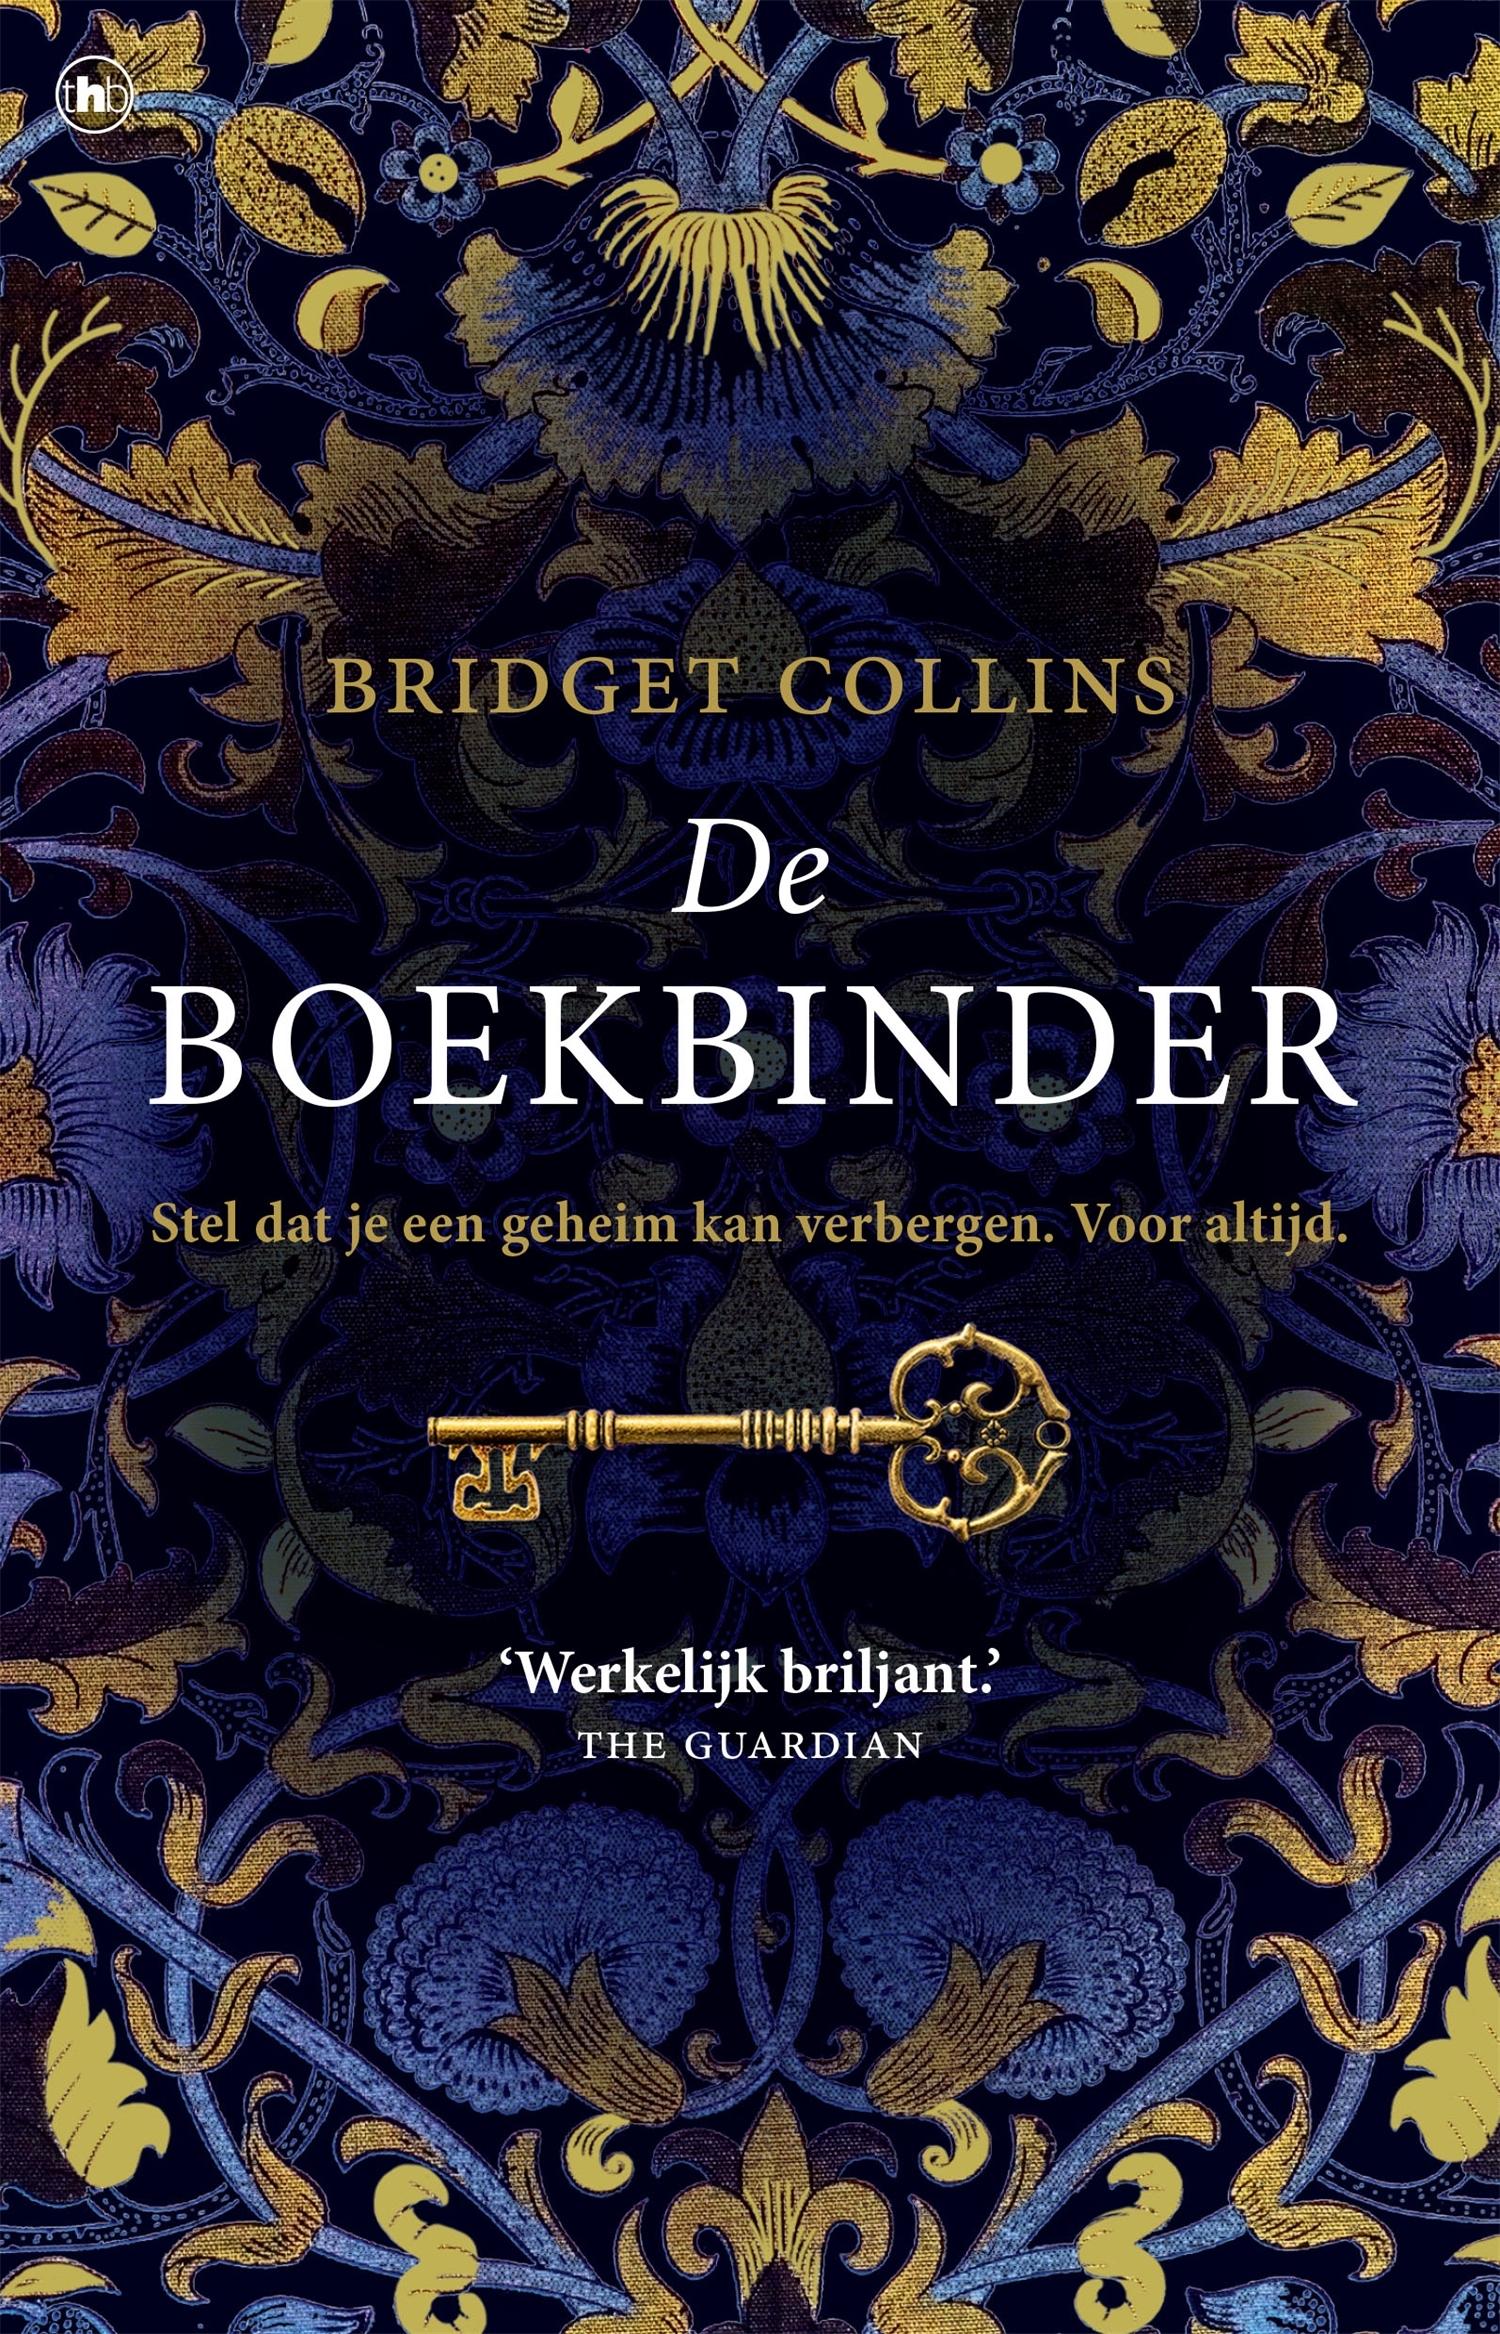 De boekbinder - boekenflits